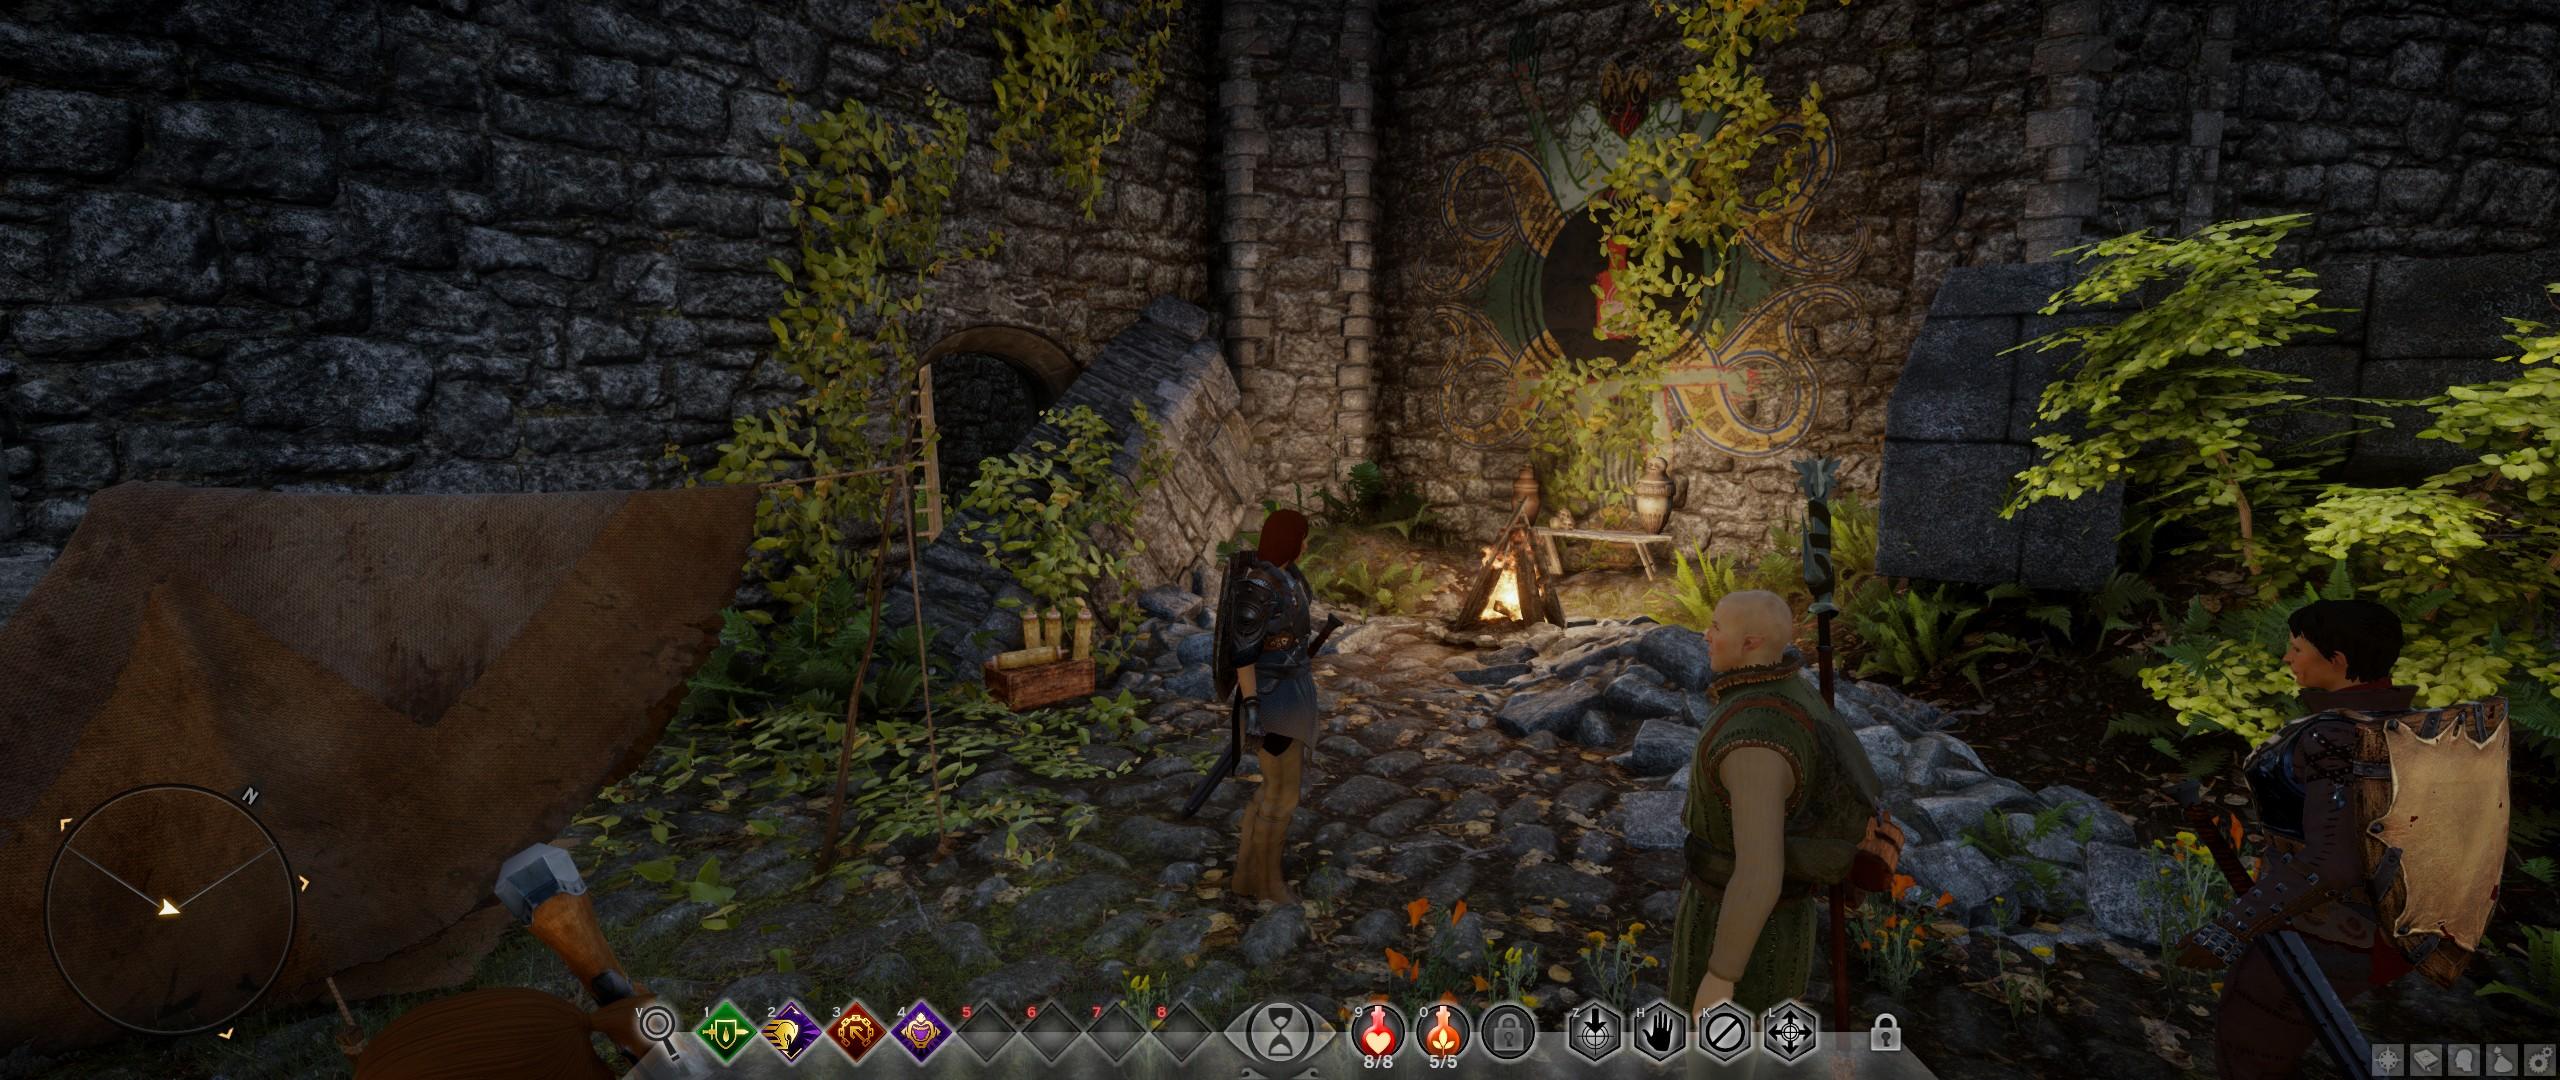 ScreenshotWin32_0009_Final